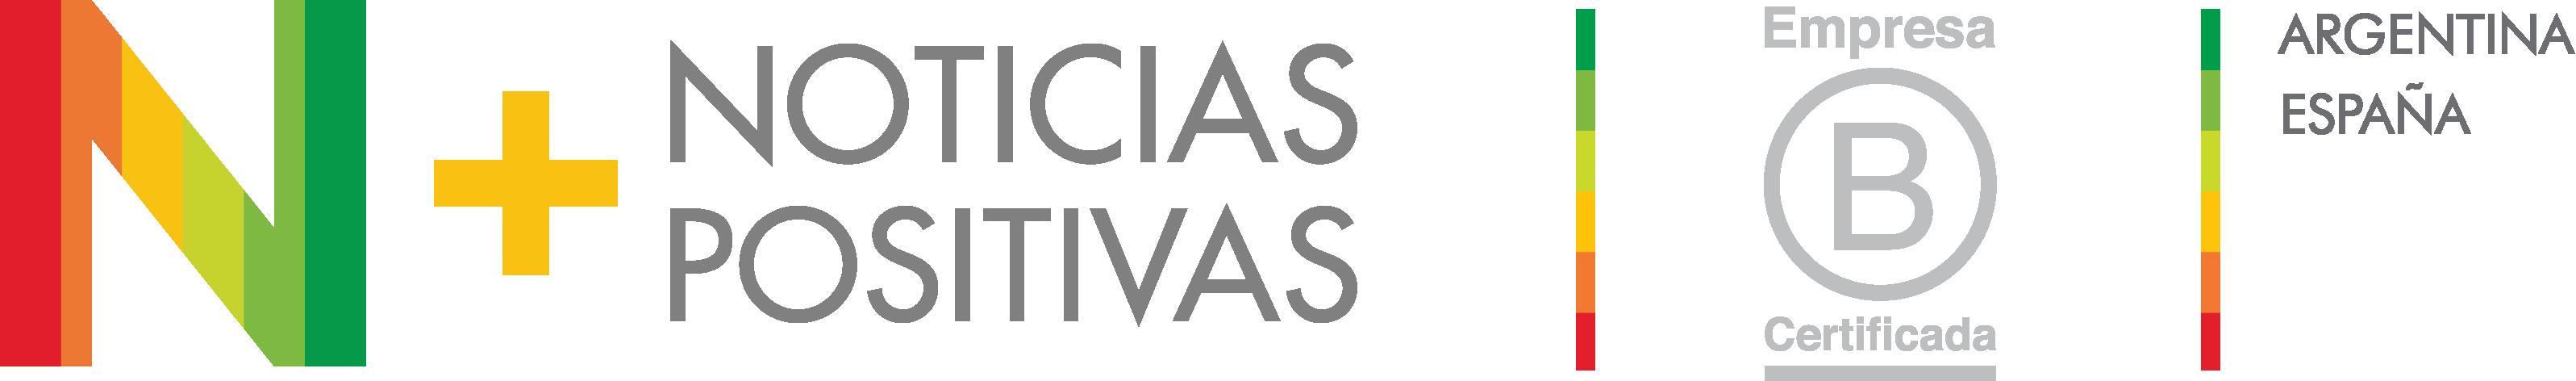 Noticias Positivas - Periodismo de soluciones